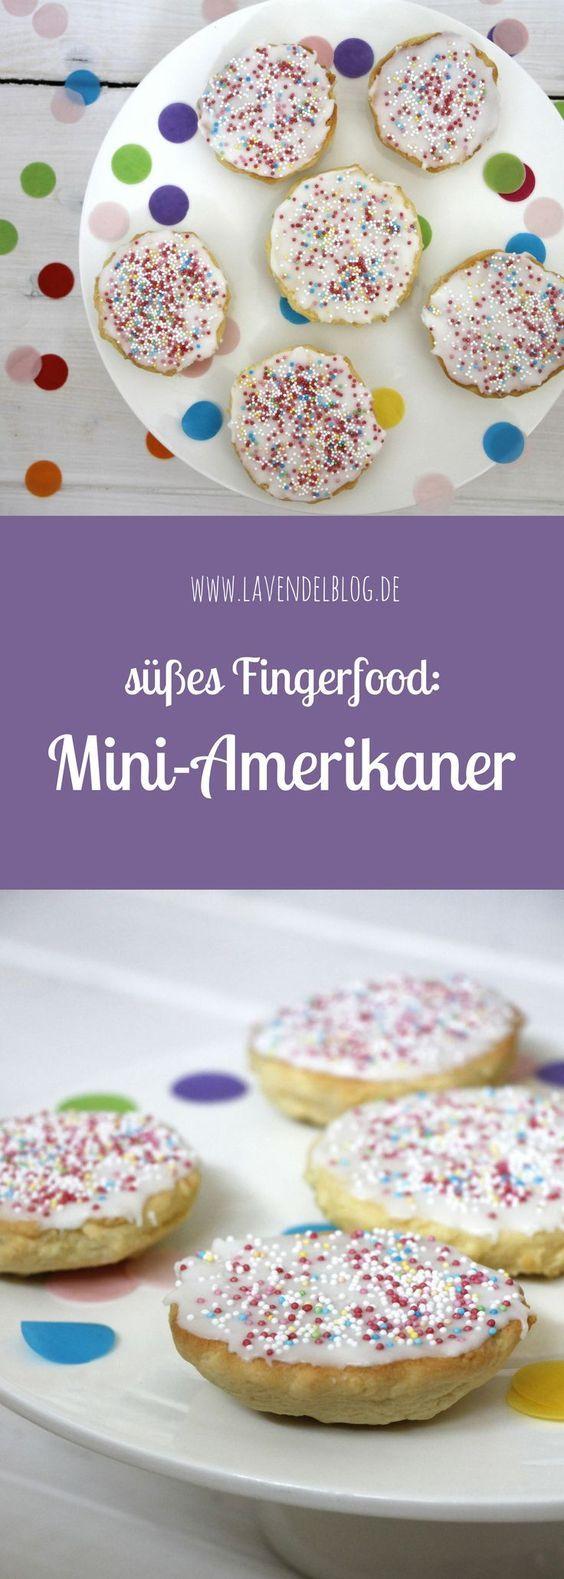 Bezaubernd Fingerfood Kindergeburtstag Das Beste Von Mini-amerikaner: Für Den | Amerikaner Rezept, Einfaches